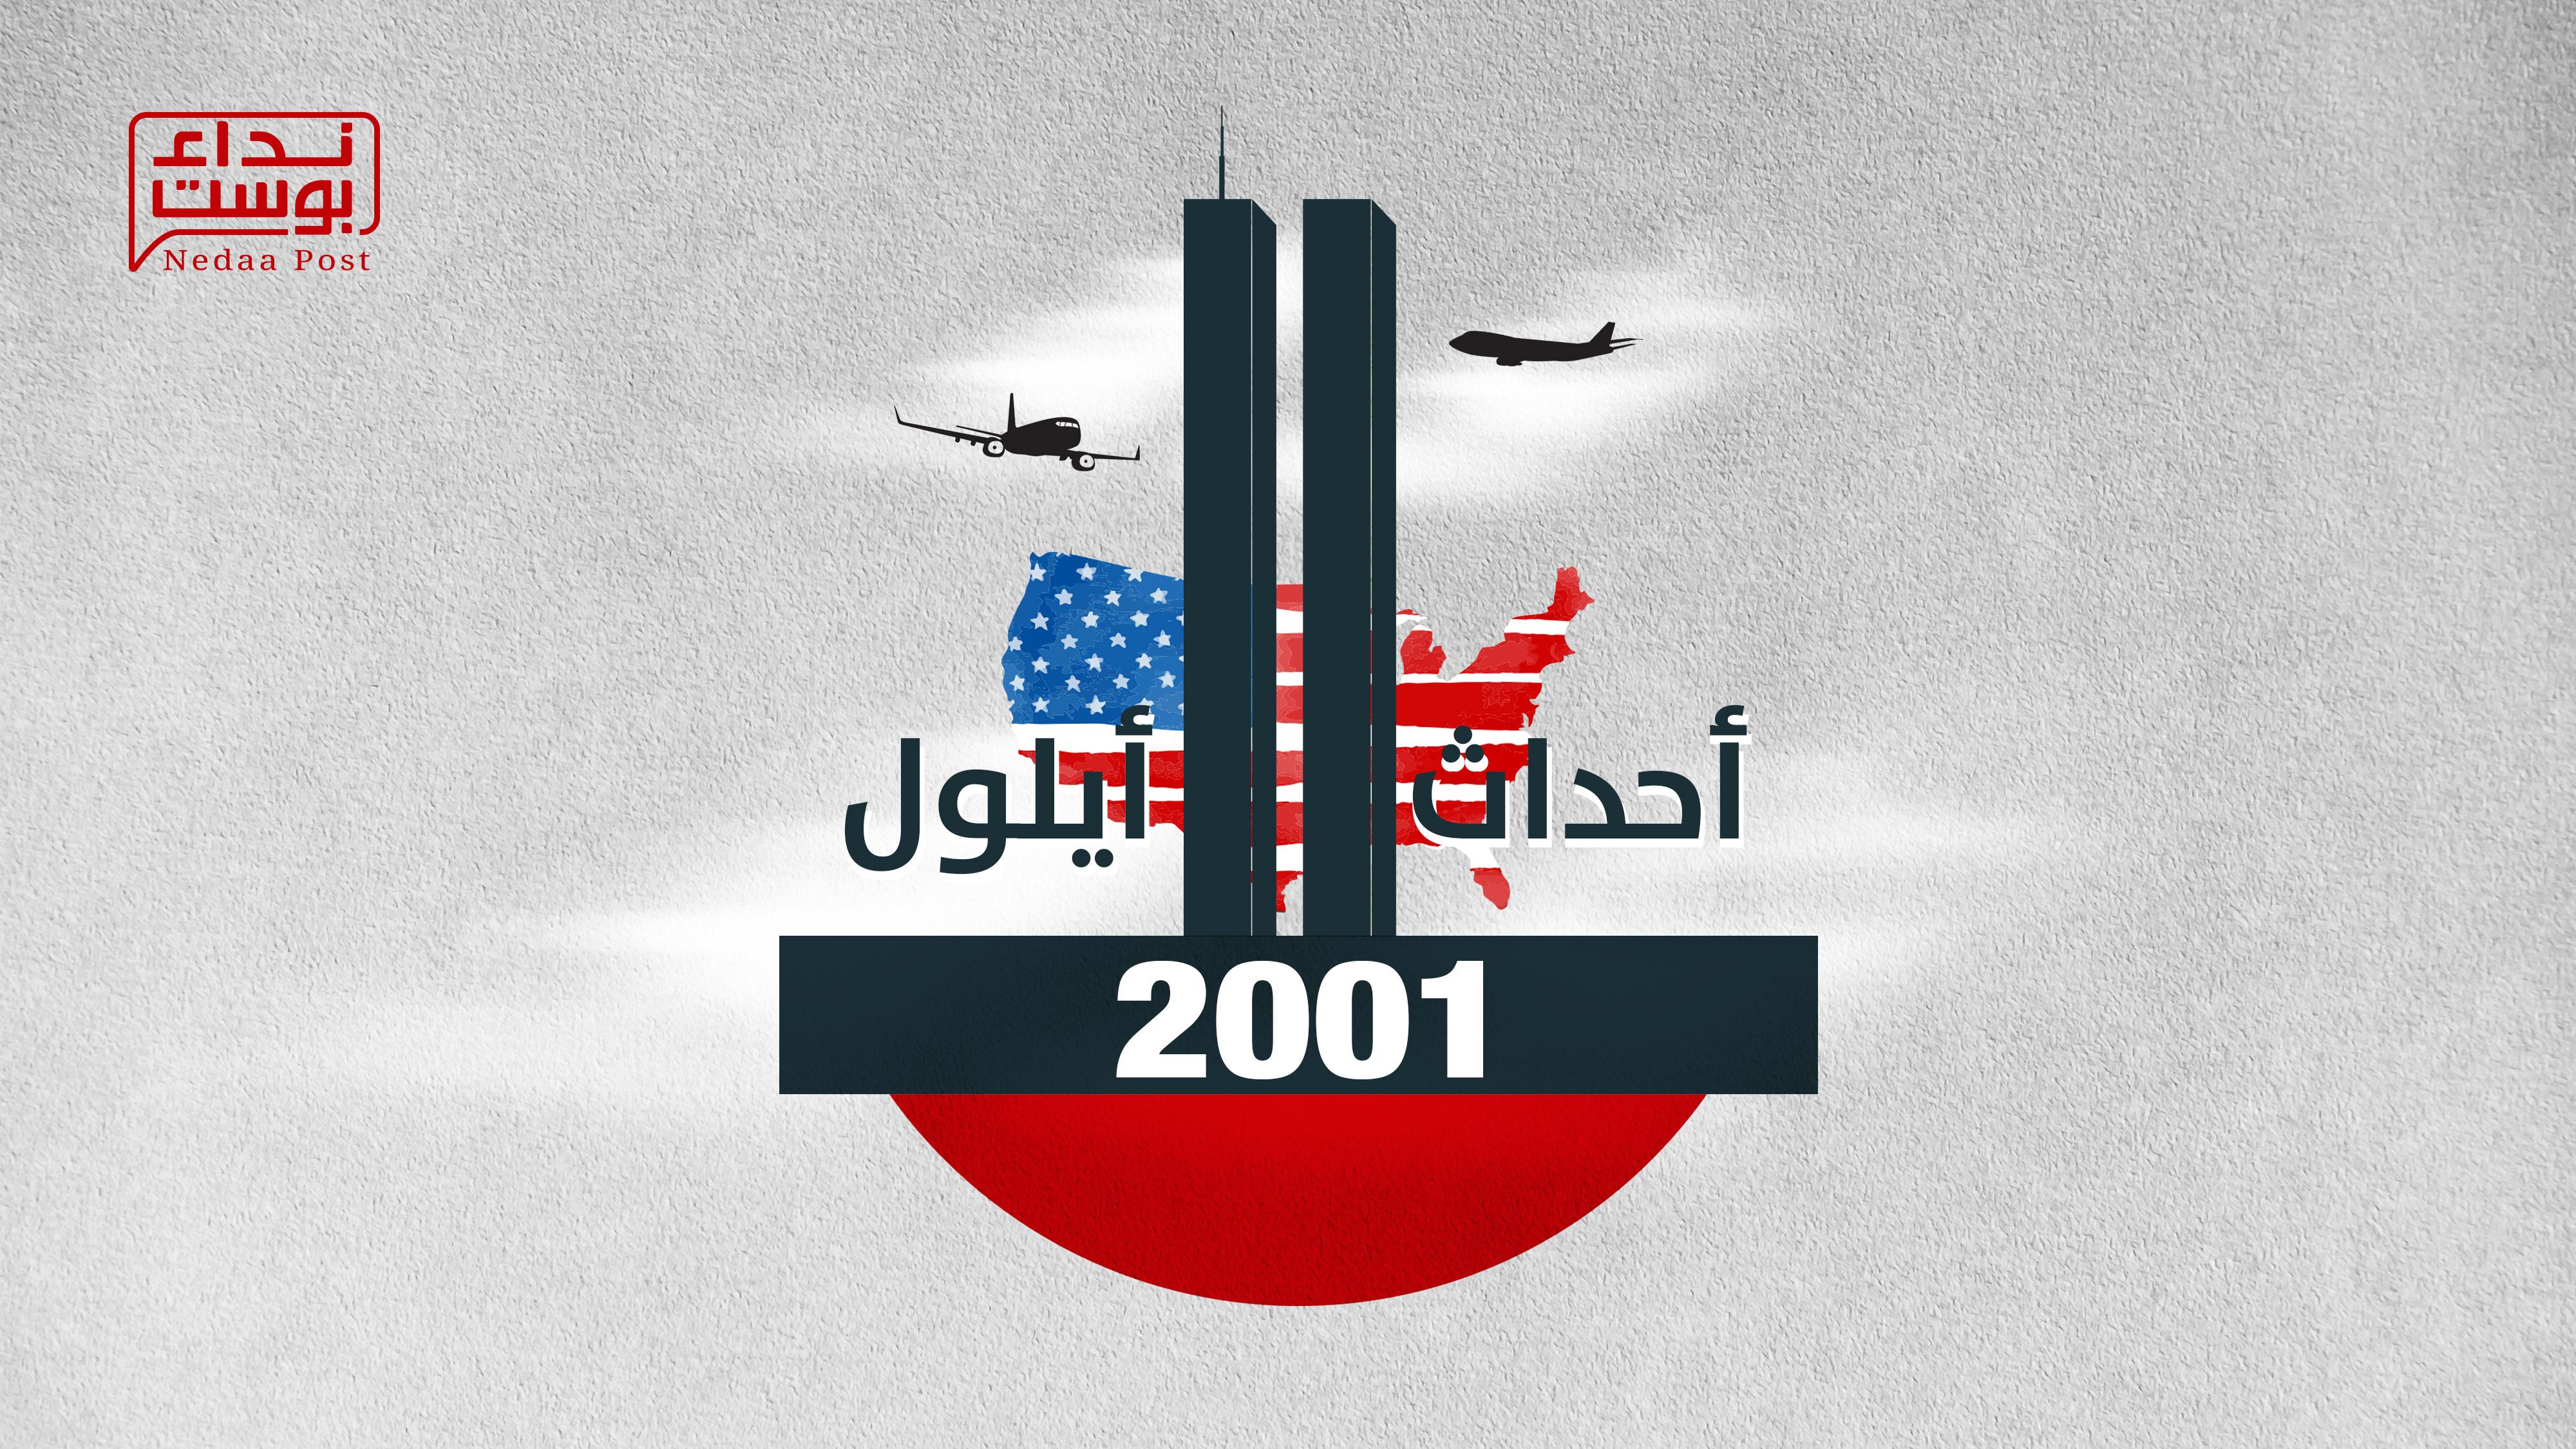 أحداث 11 سبتمبر 2001 (فيديوغراف)